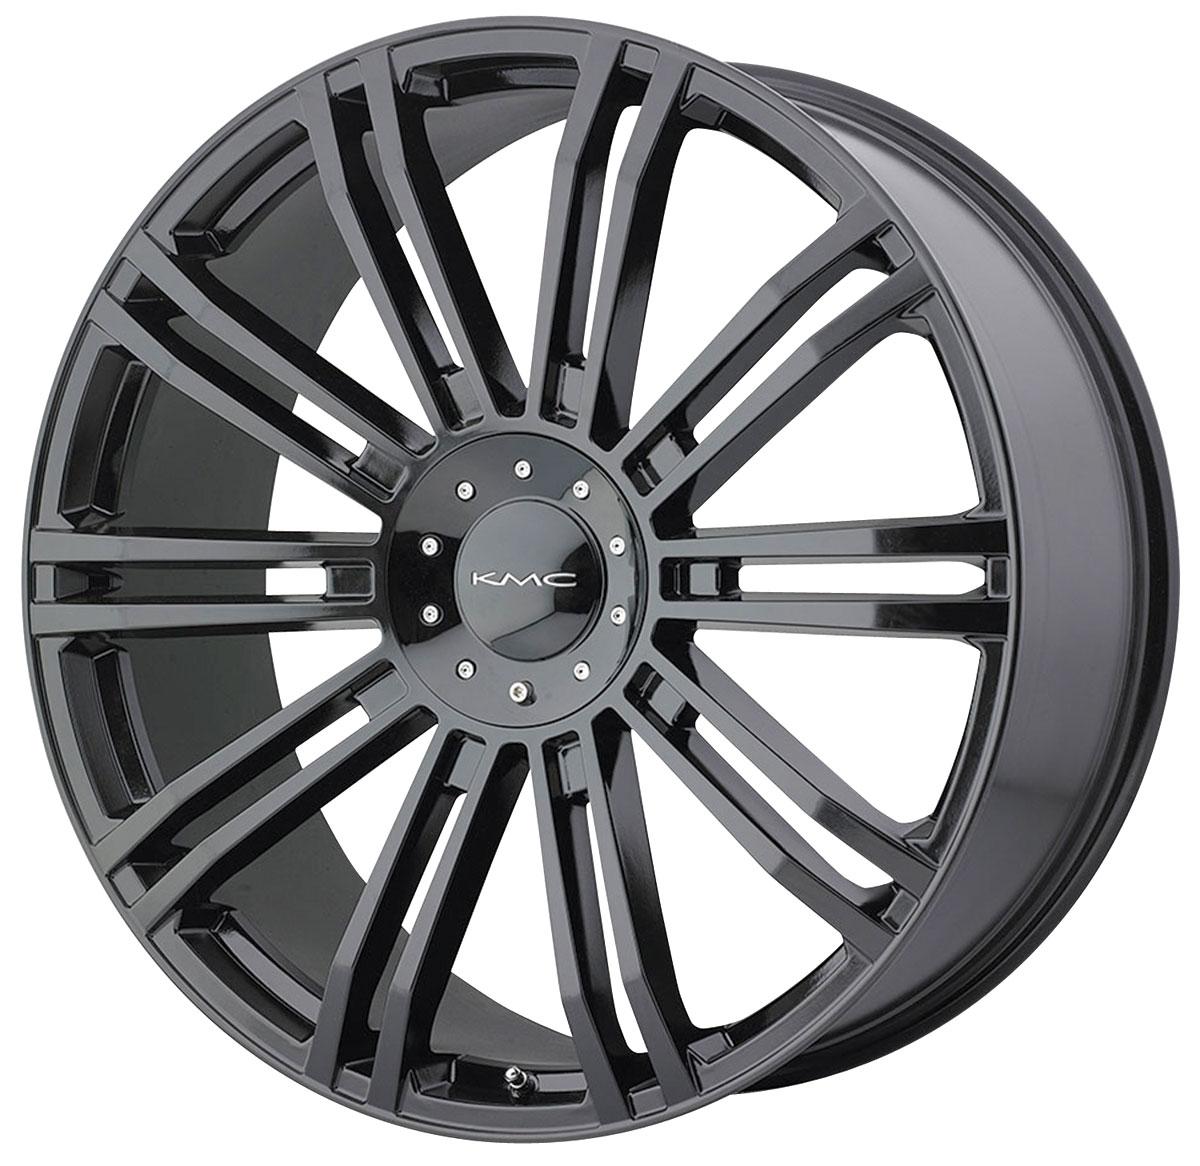 Wheel, KMC, KM677 D2, 1999-2019 Escalade, 22X9.5